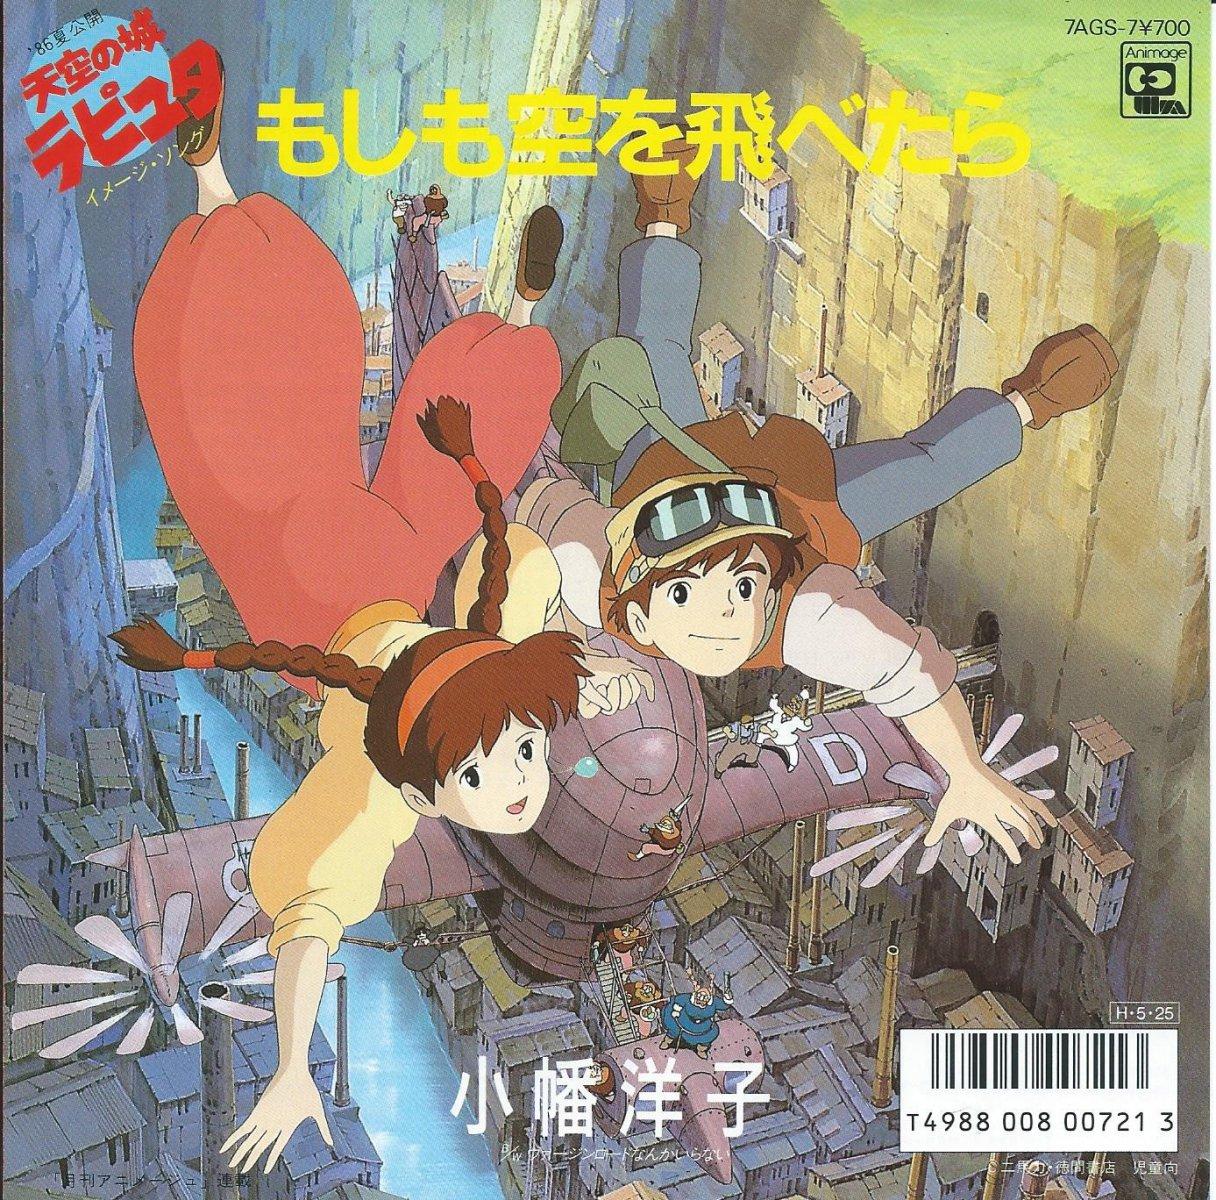 小幡洋子 / もしも空を飛べたら (松本隆,筒美京平) (天空の城ラピュタ イメージ・ソング) (7